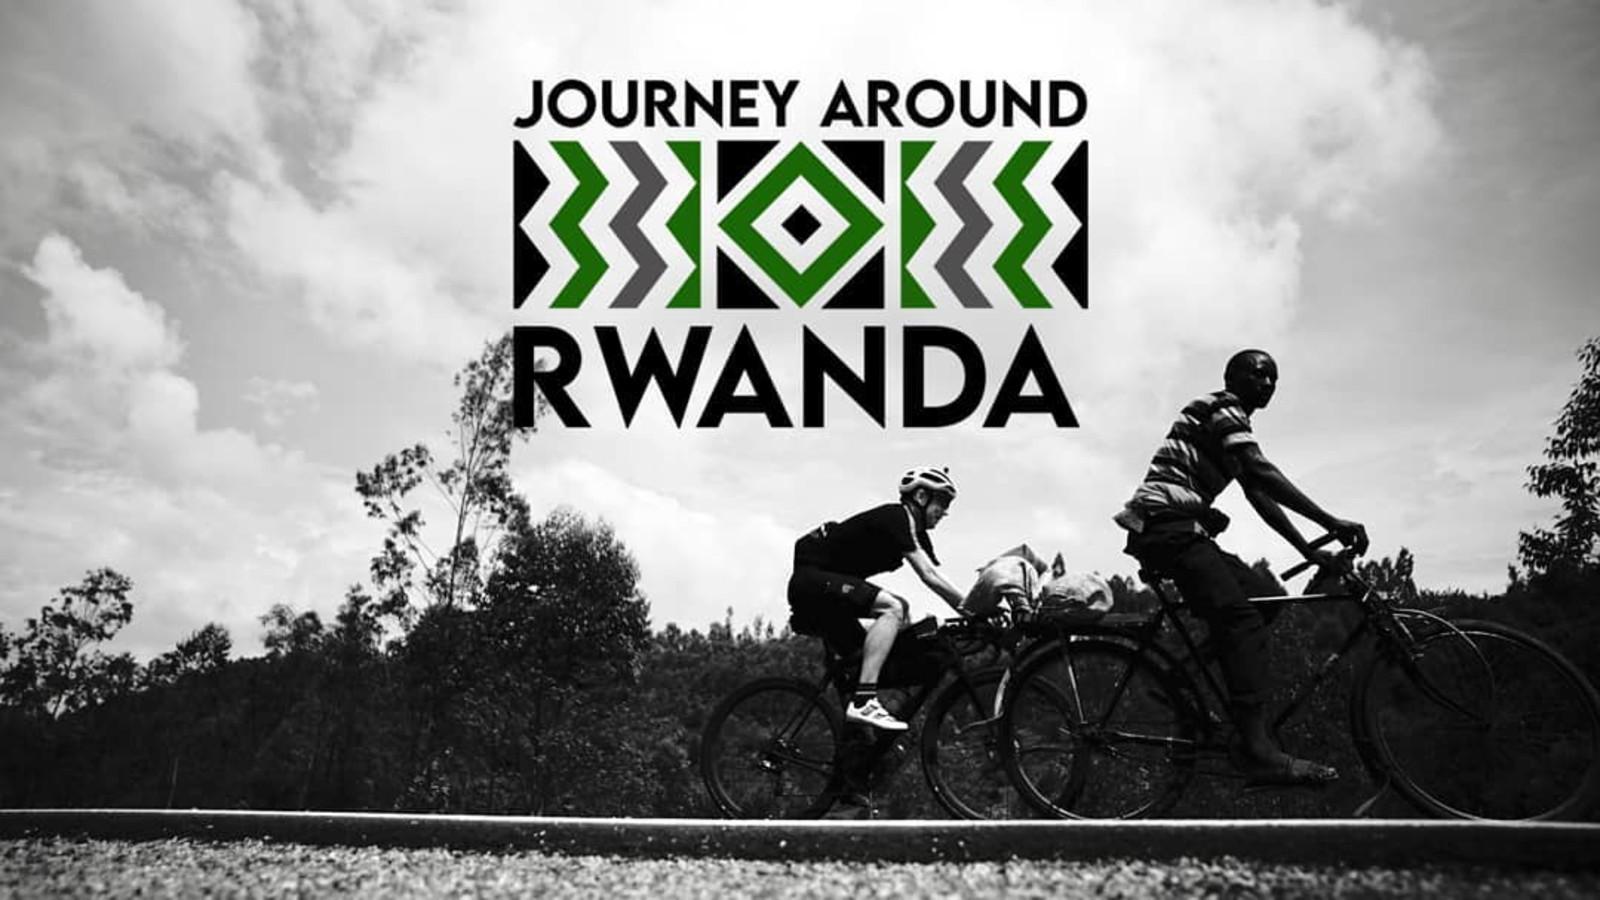 Bikes of Journey Around Rwanda